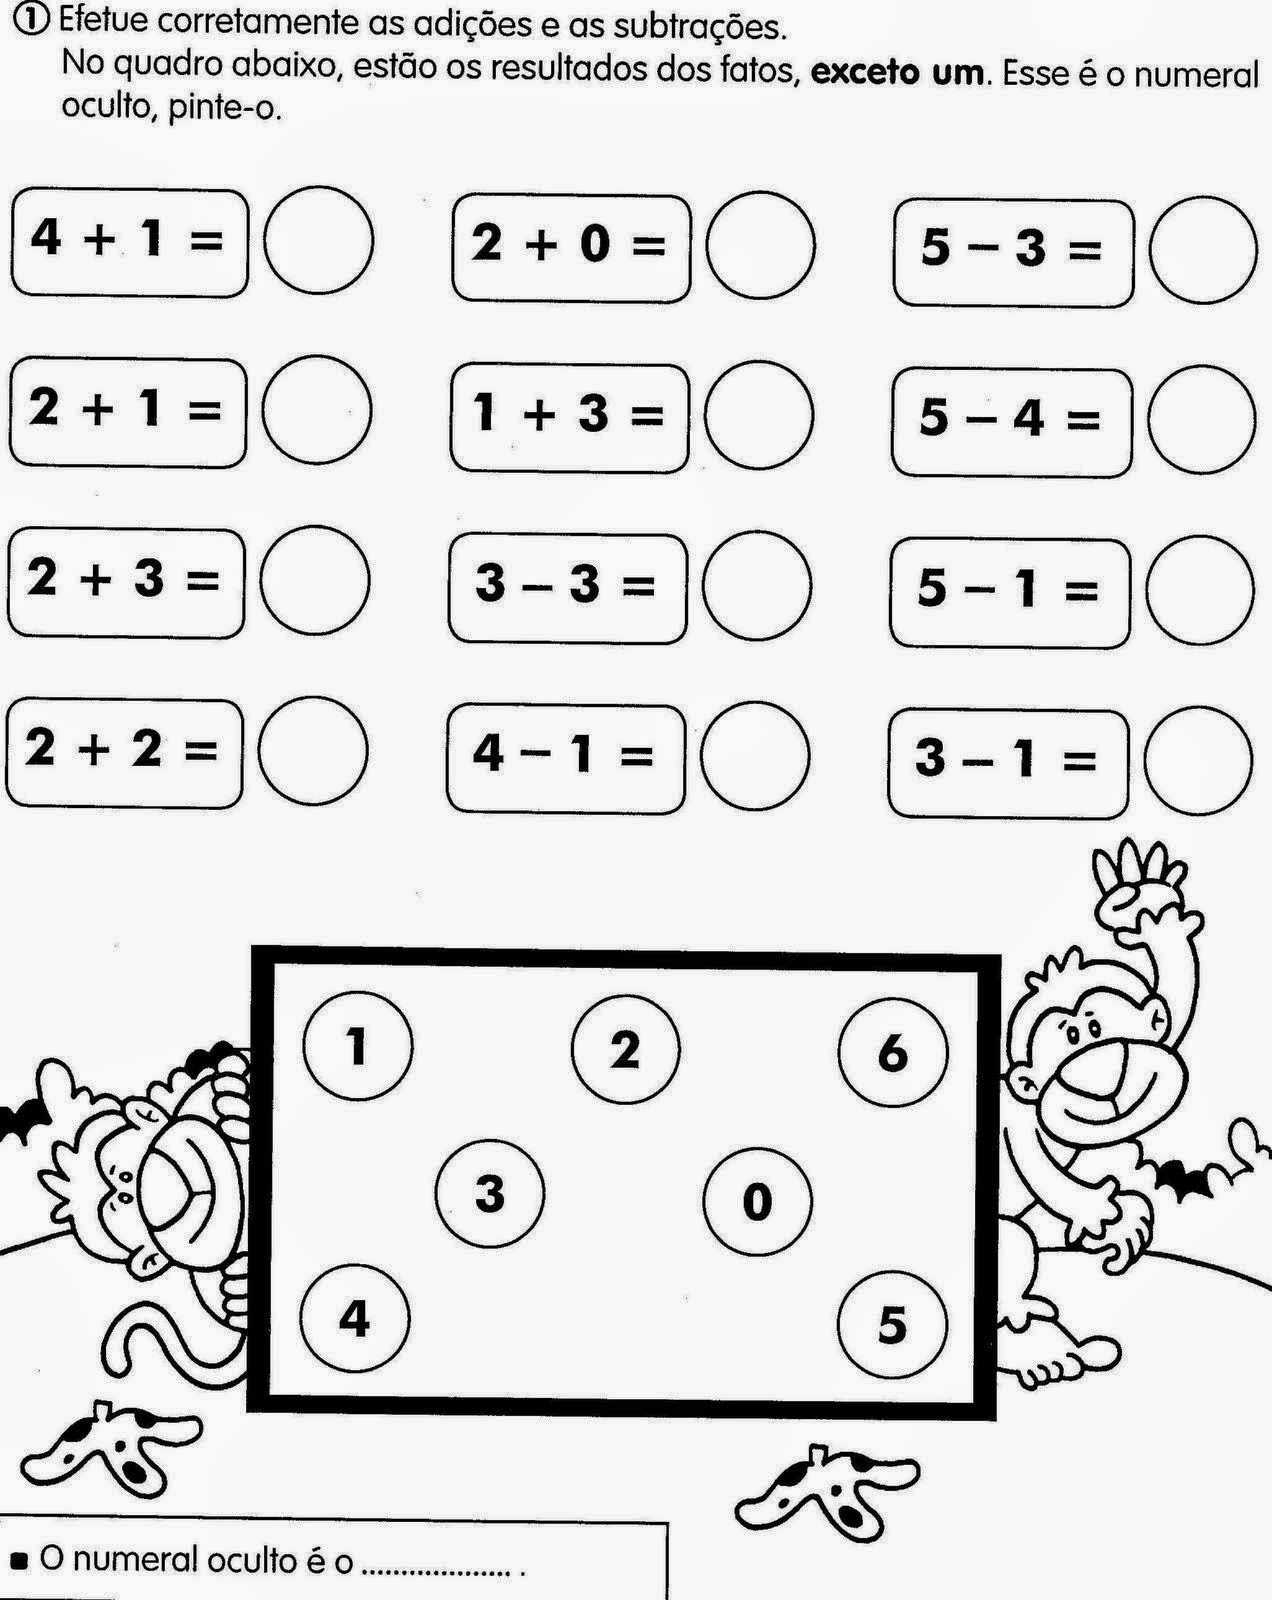 Atividade de matemática 2 ano para imprimir